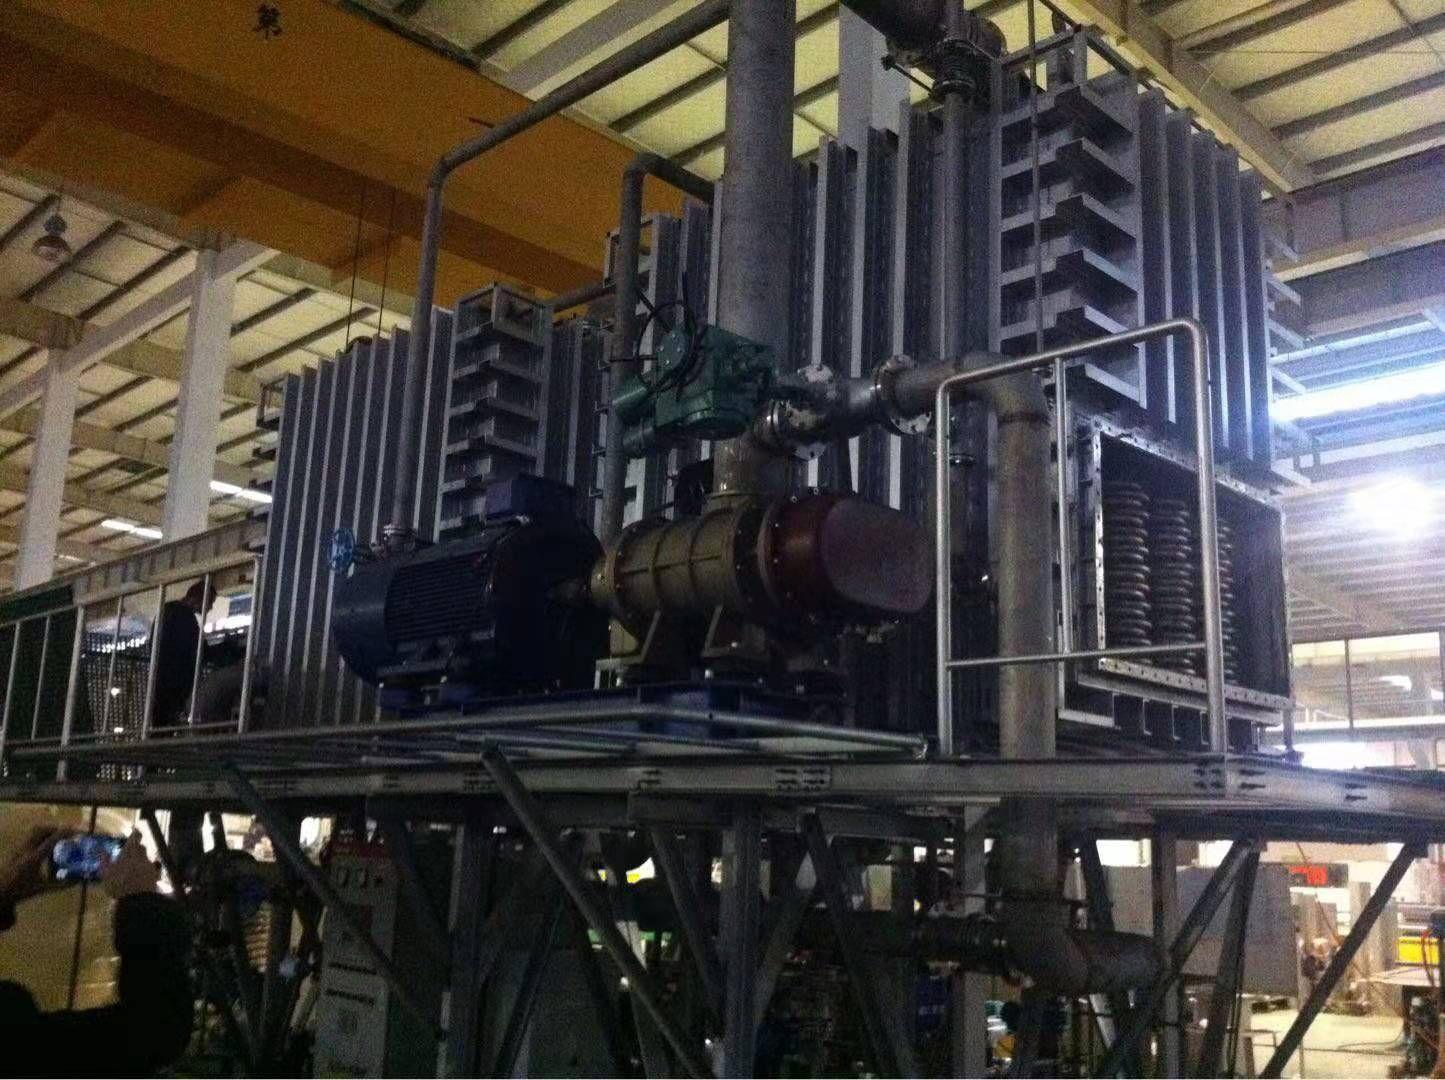 螺杆蒸汽压缩机MⅤR系统